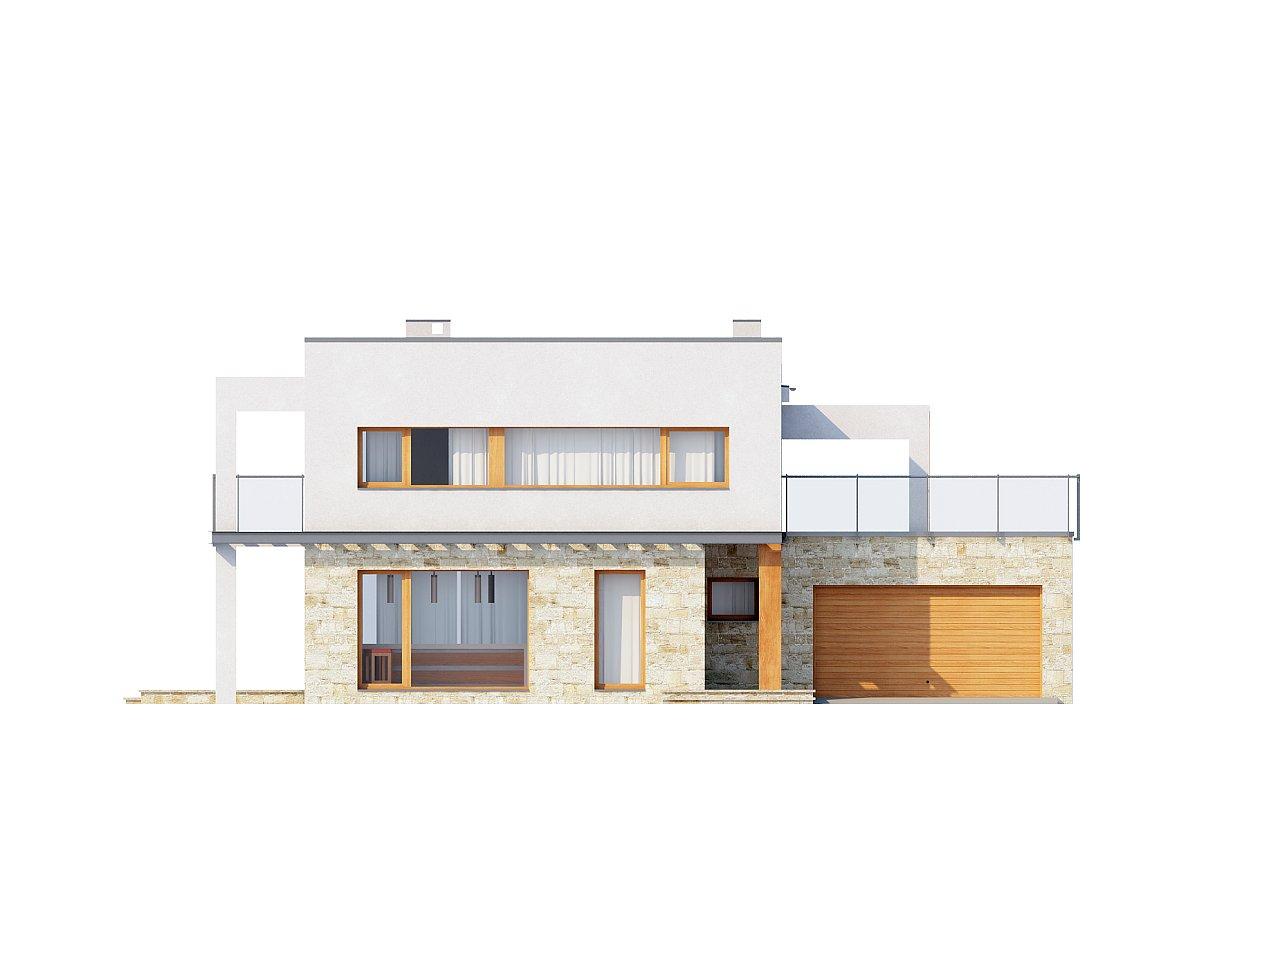 Практичный двухэтажный дом в современном стиле с обширной террасой над гаражом. - фото 3